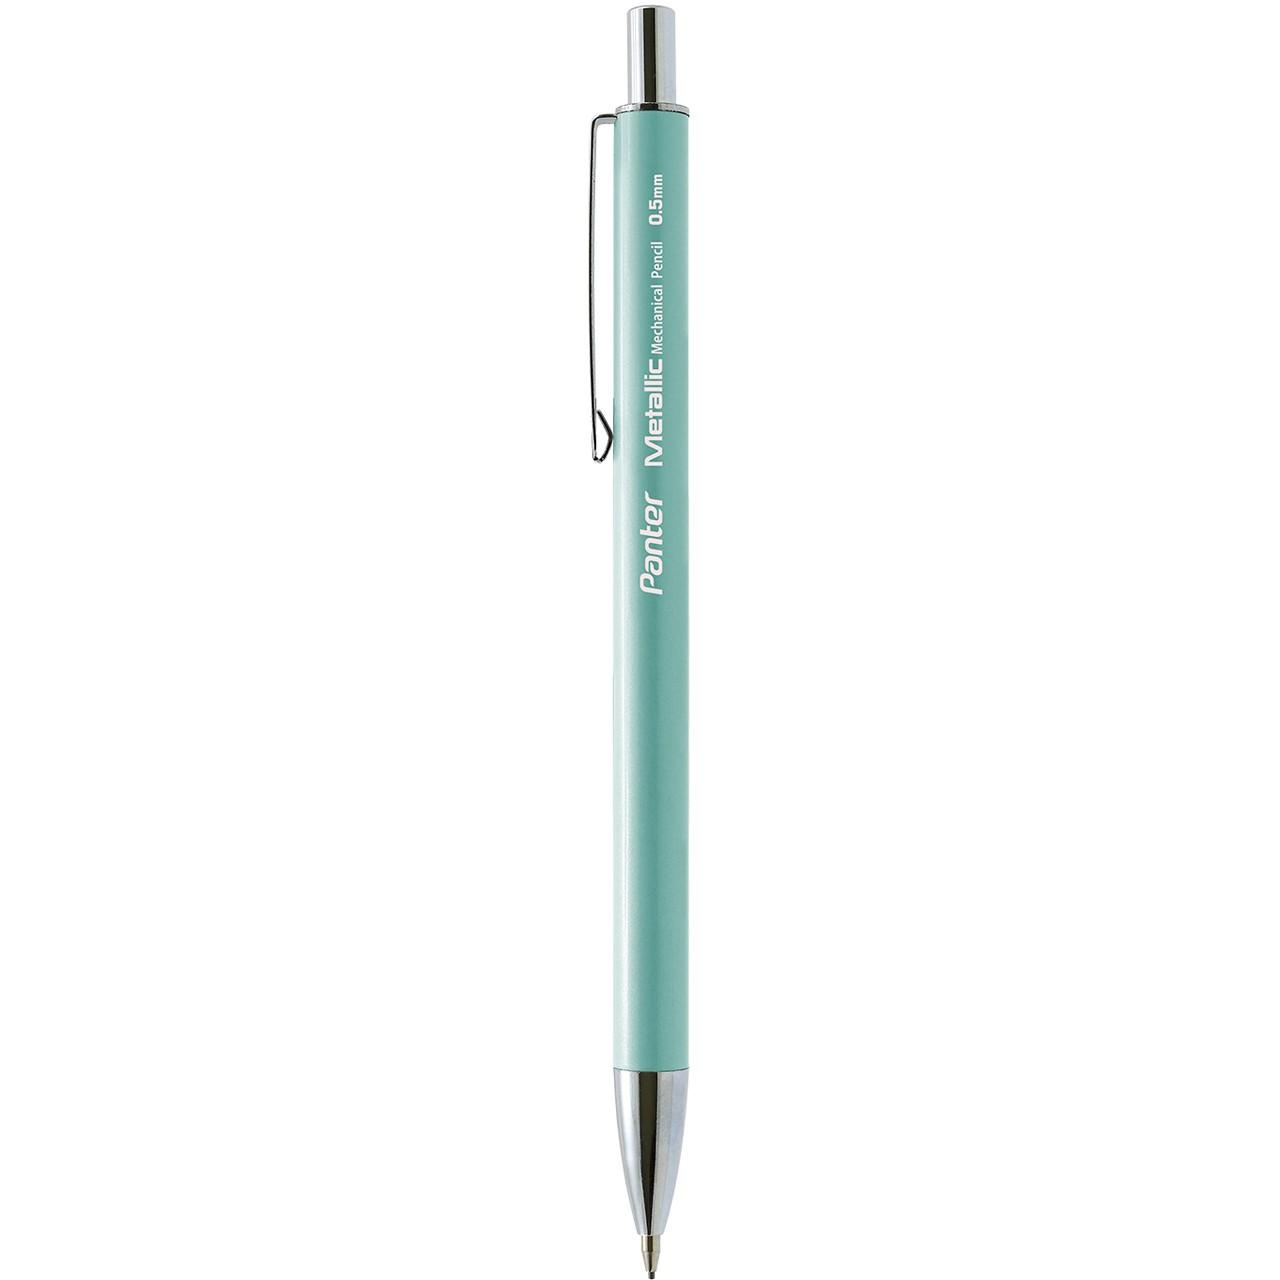 مداد نوکی پنتر مدل متالیک قطر نوشتاری  0.5 میلی متر